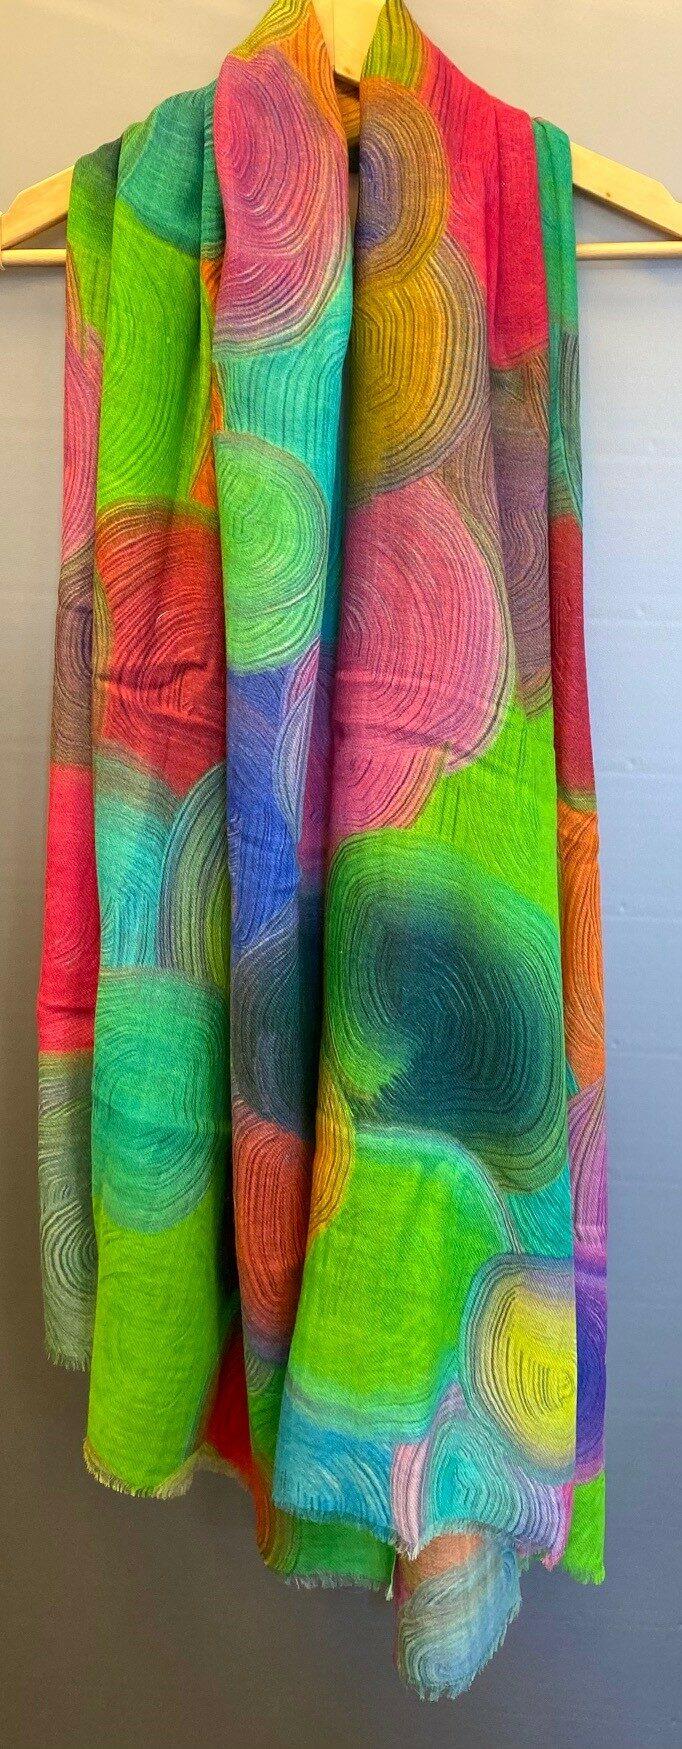 Tørklæde Let Vævet uld - Salto Yaren, kulørt, silke, uld, merinould, silke-uld, uld-silke, koloreret, regnbue, regnbuefarver, kulørt, farver, farverigt, lækkert, luksus, kradser ikke, farveglad, glade, kulører, friske, farver, stort, varmt, lunt, stola, over skuldrene, halstørklæde, tørklæde, gaveide, gaver, elegant, ekstravagant, fødselsdag, damer, lady, ladylike, chic, biti, ribe